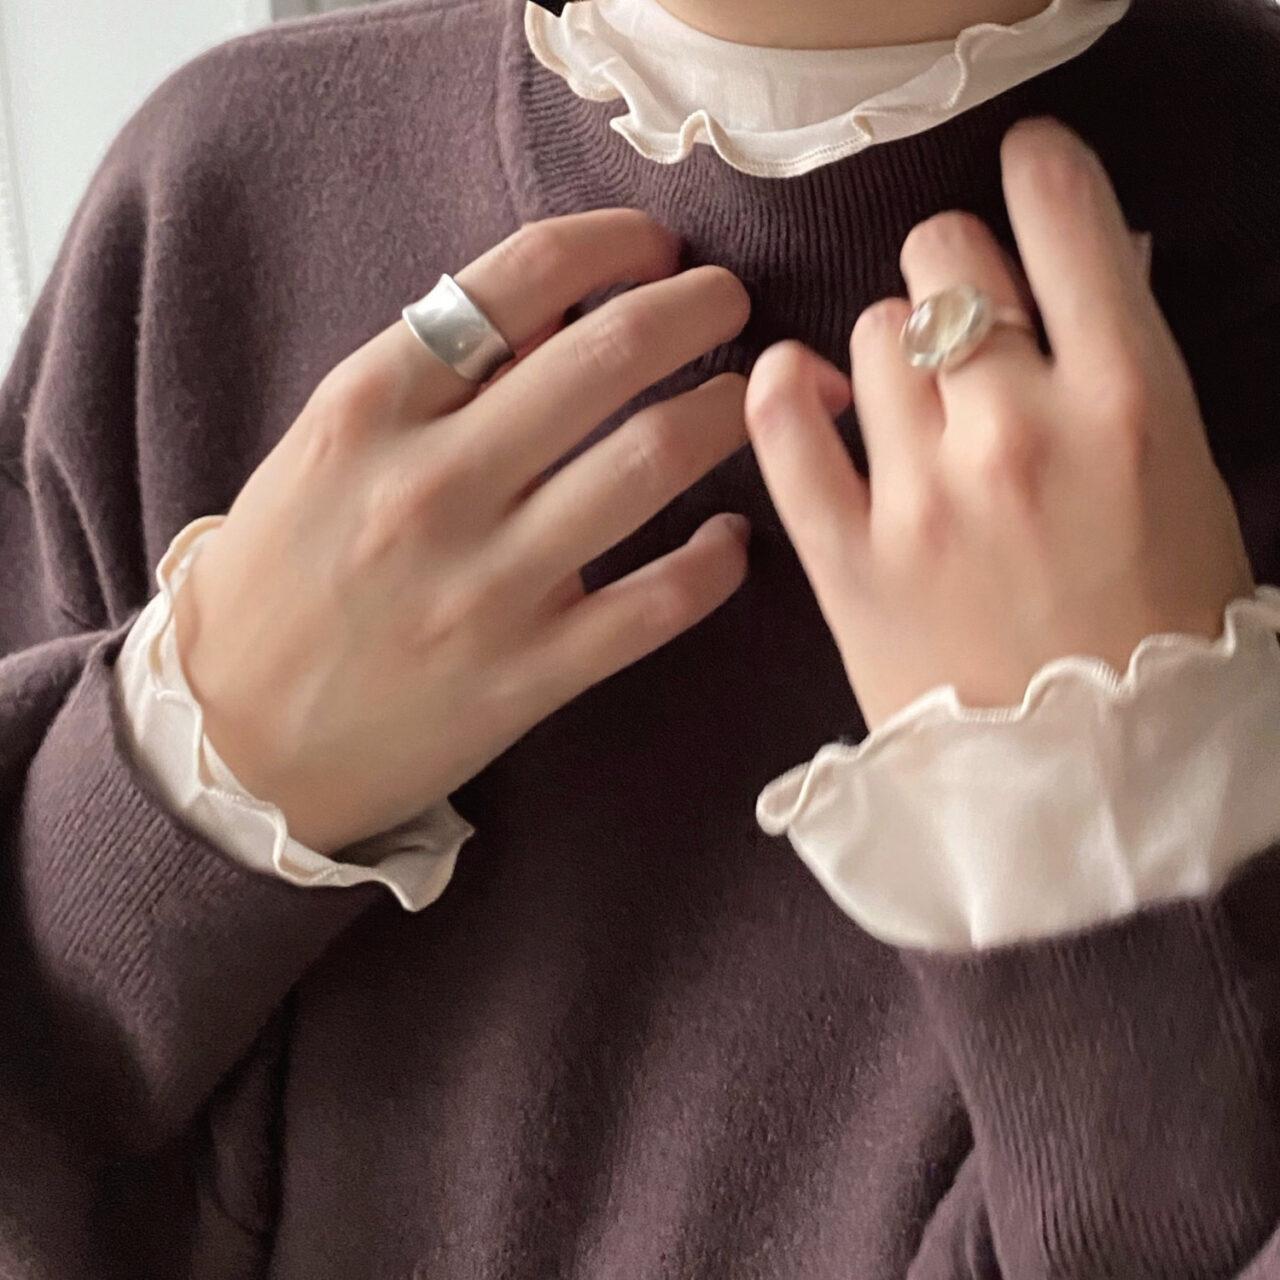 指輪を複数した女性のバストアップ写真